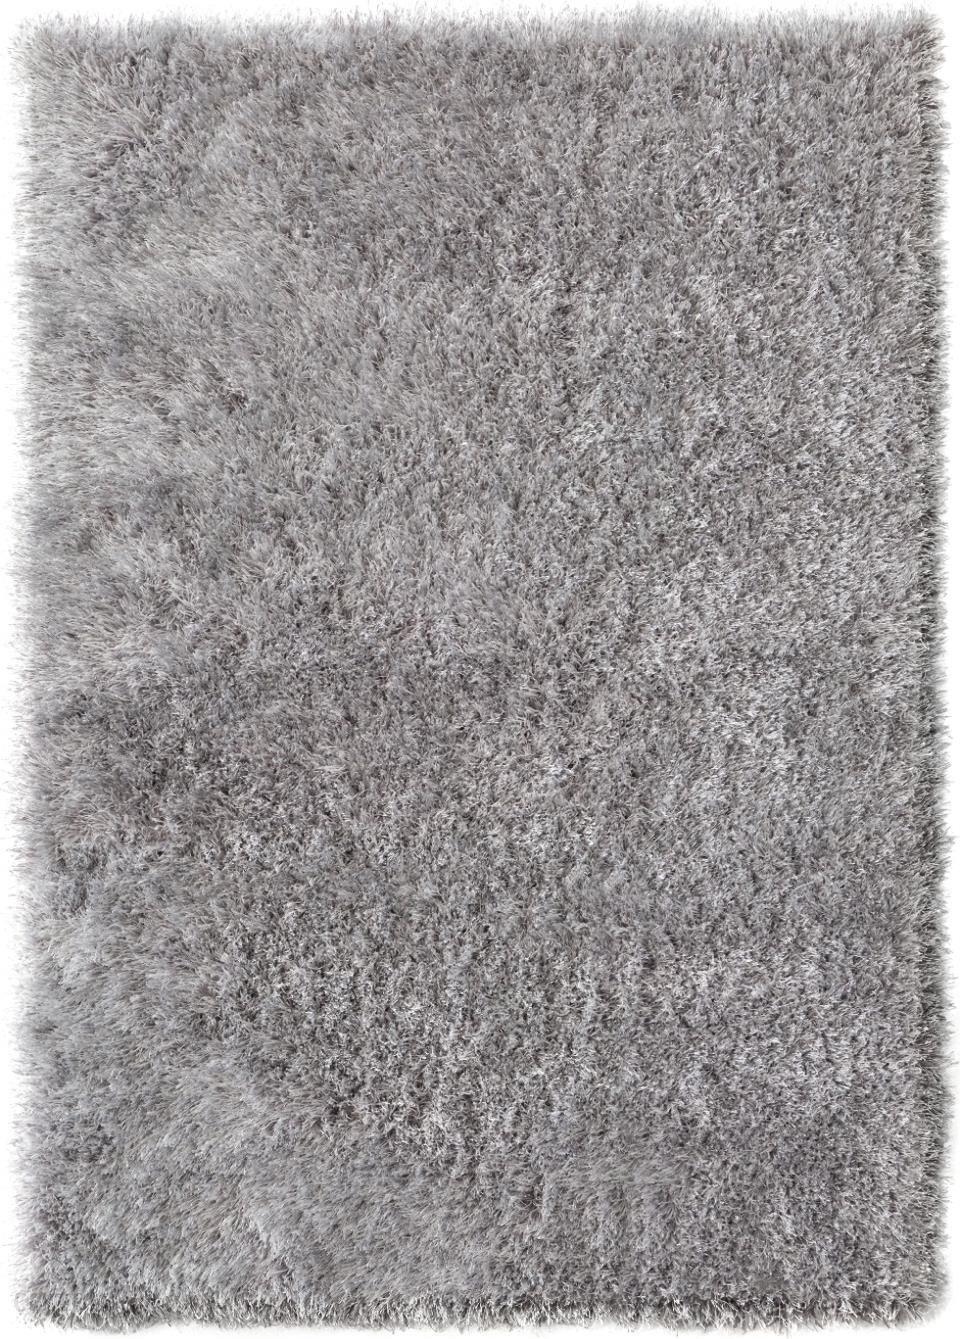 Komfort Dywan Amar Shaggy Silver 80x150 Opinie I Atrakcyjne Ceny Na Ceneopl